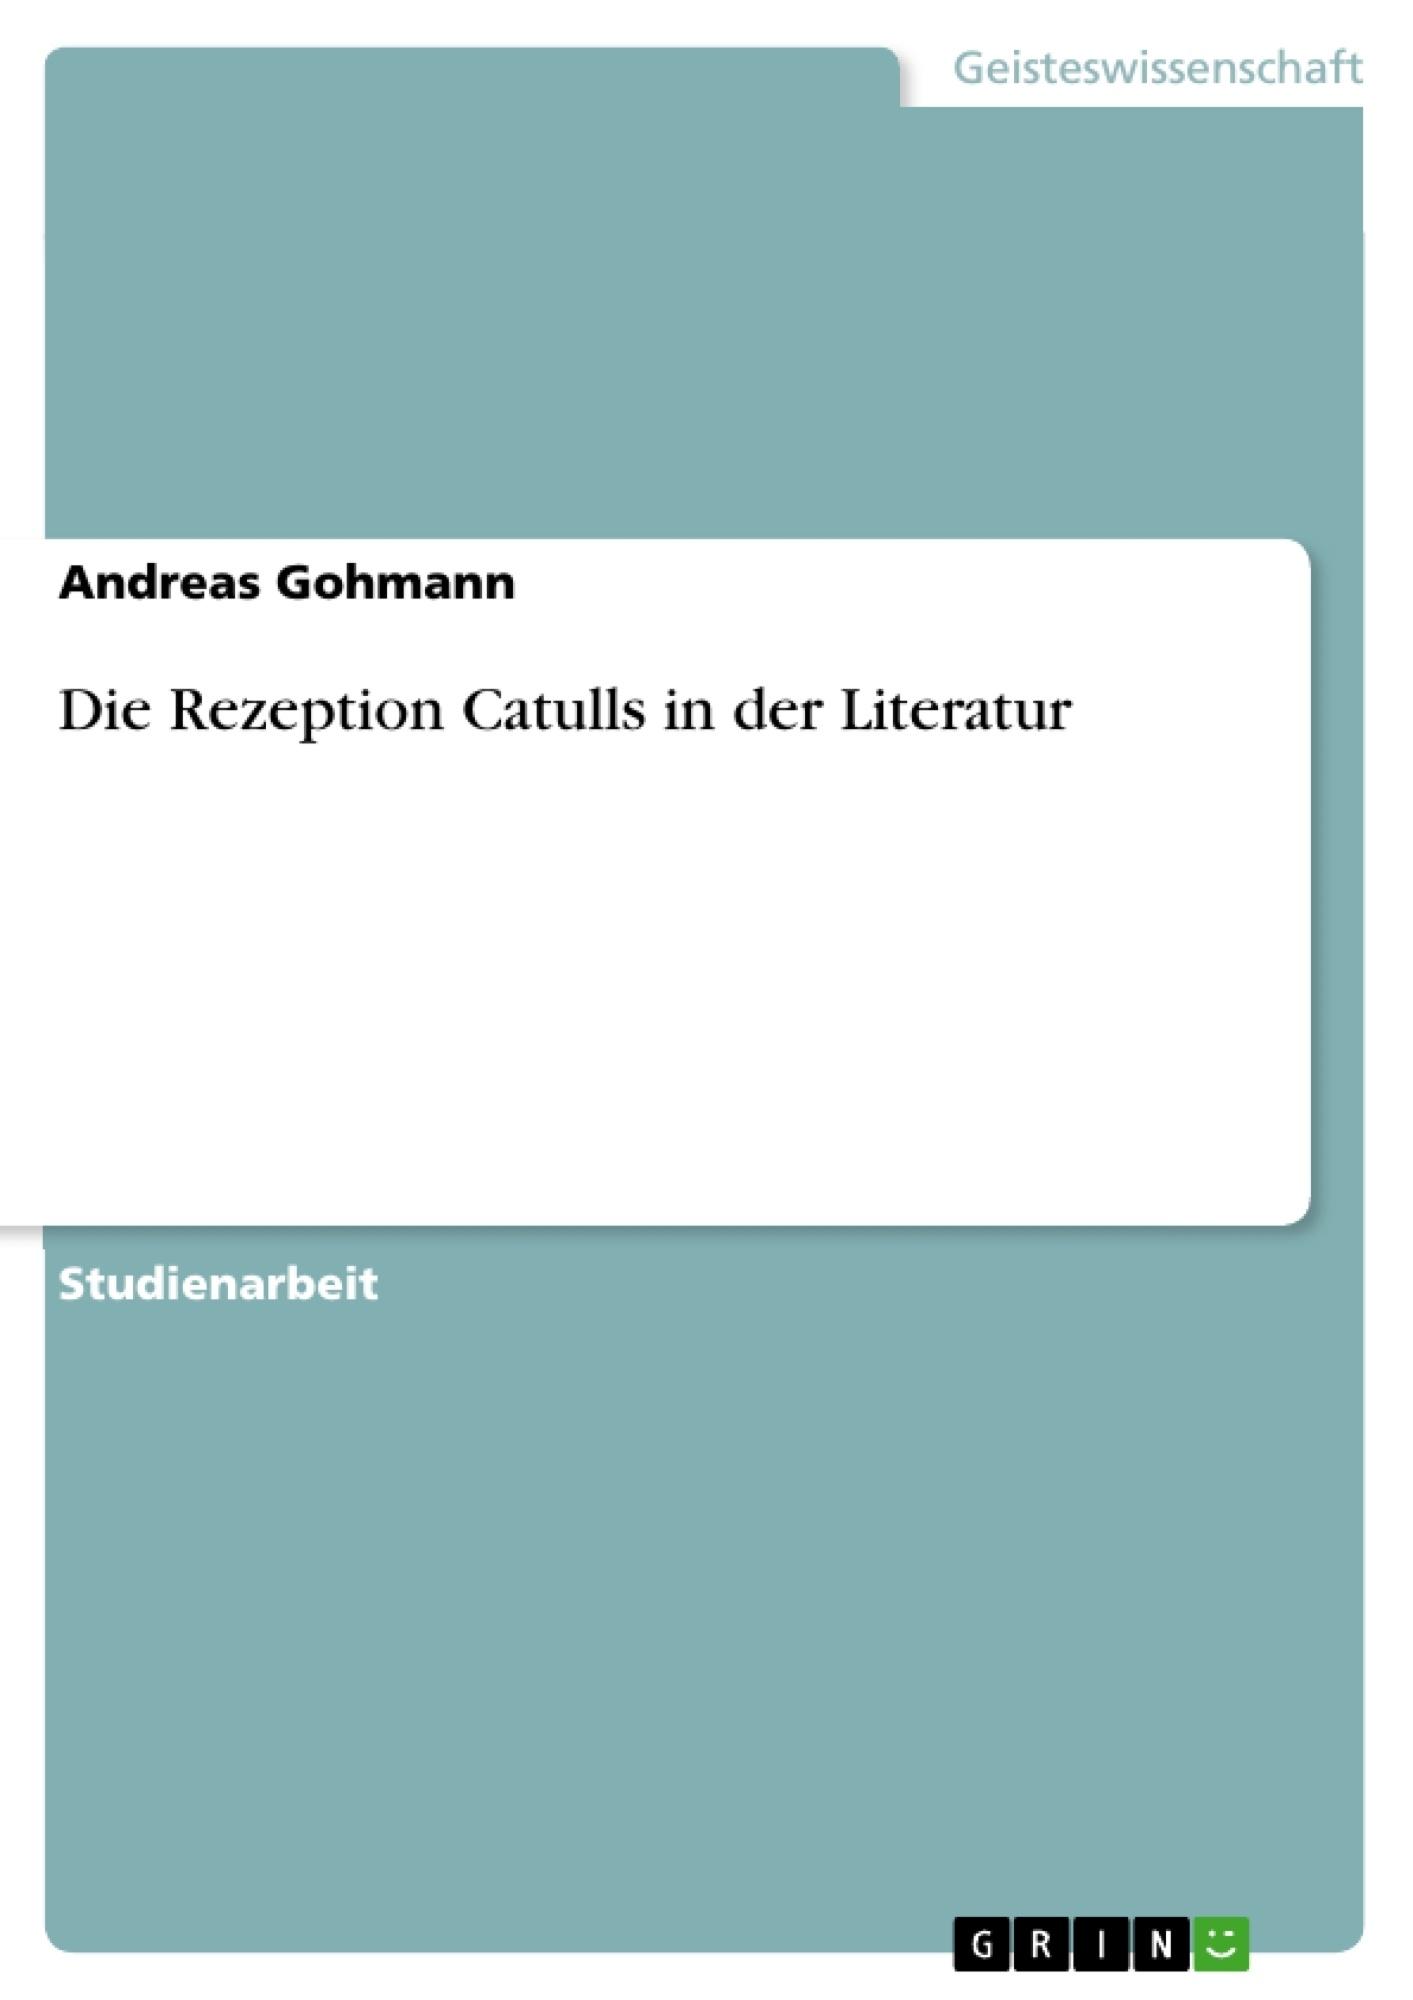 Titel: Die Rezeption Catulls in der Literatur